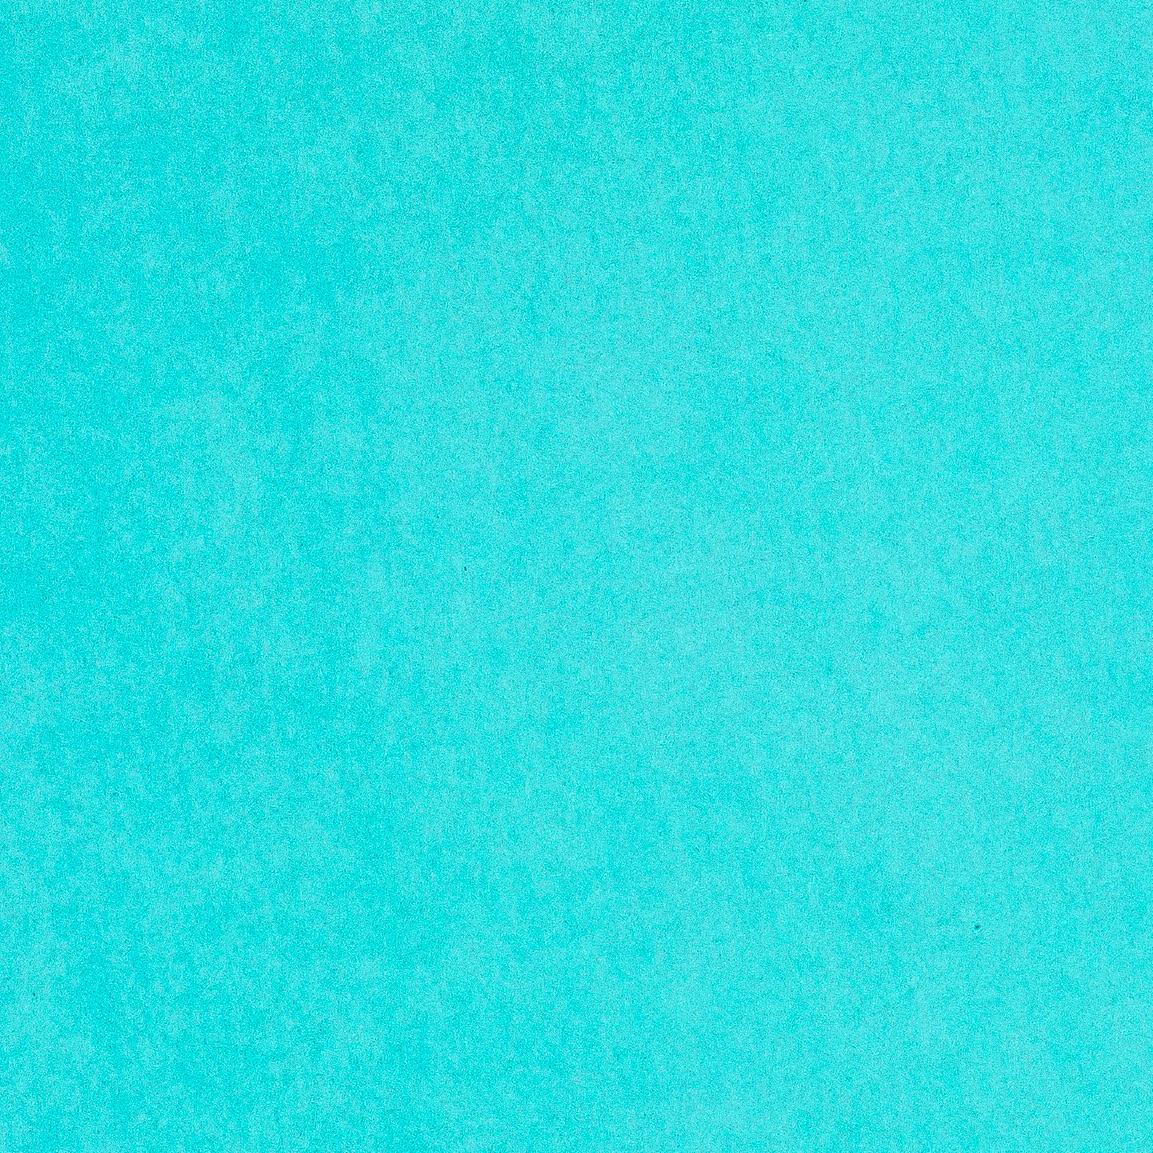 Translucent - Turquoise 100gsm